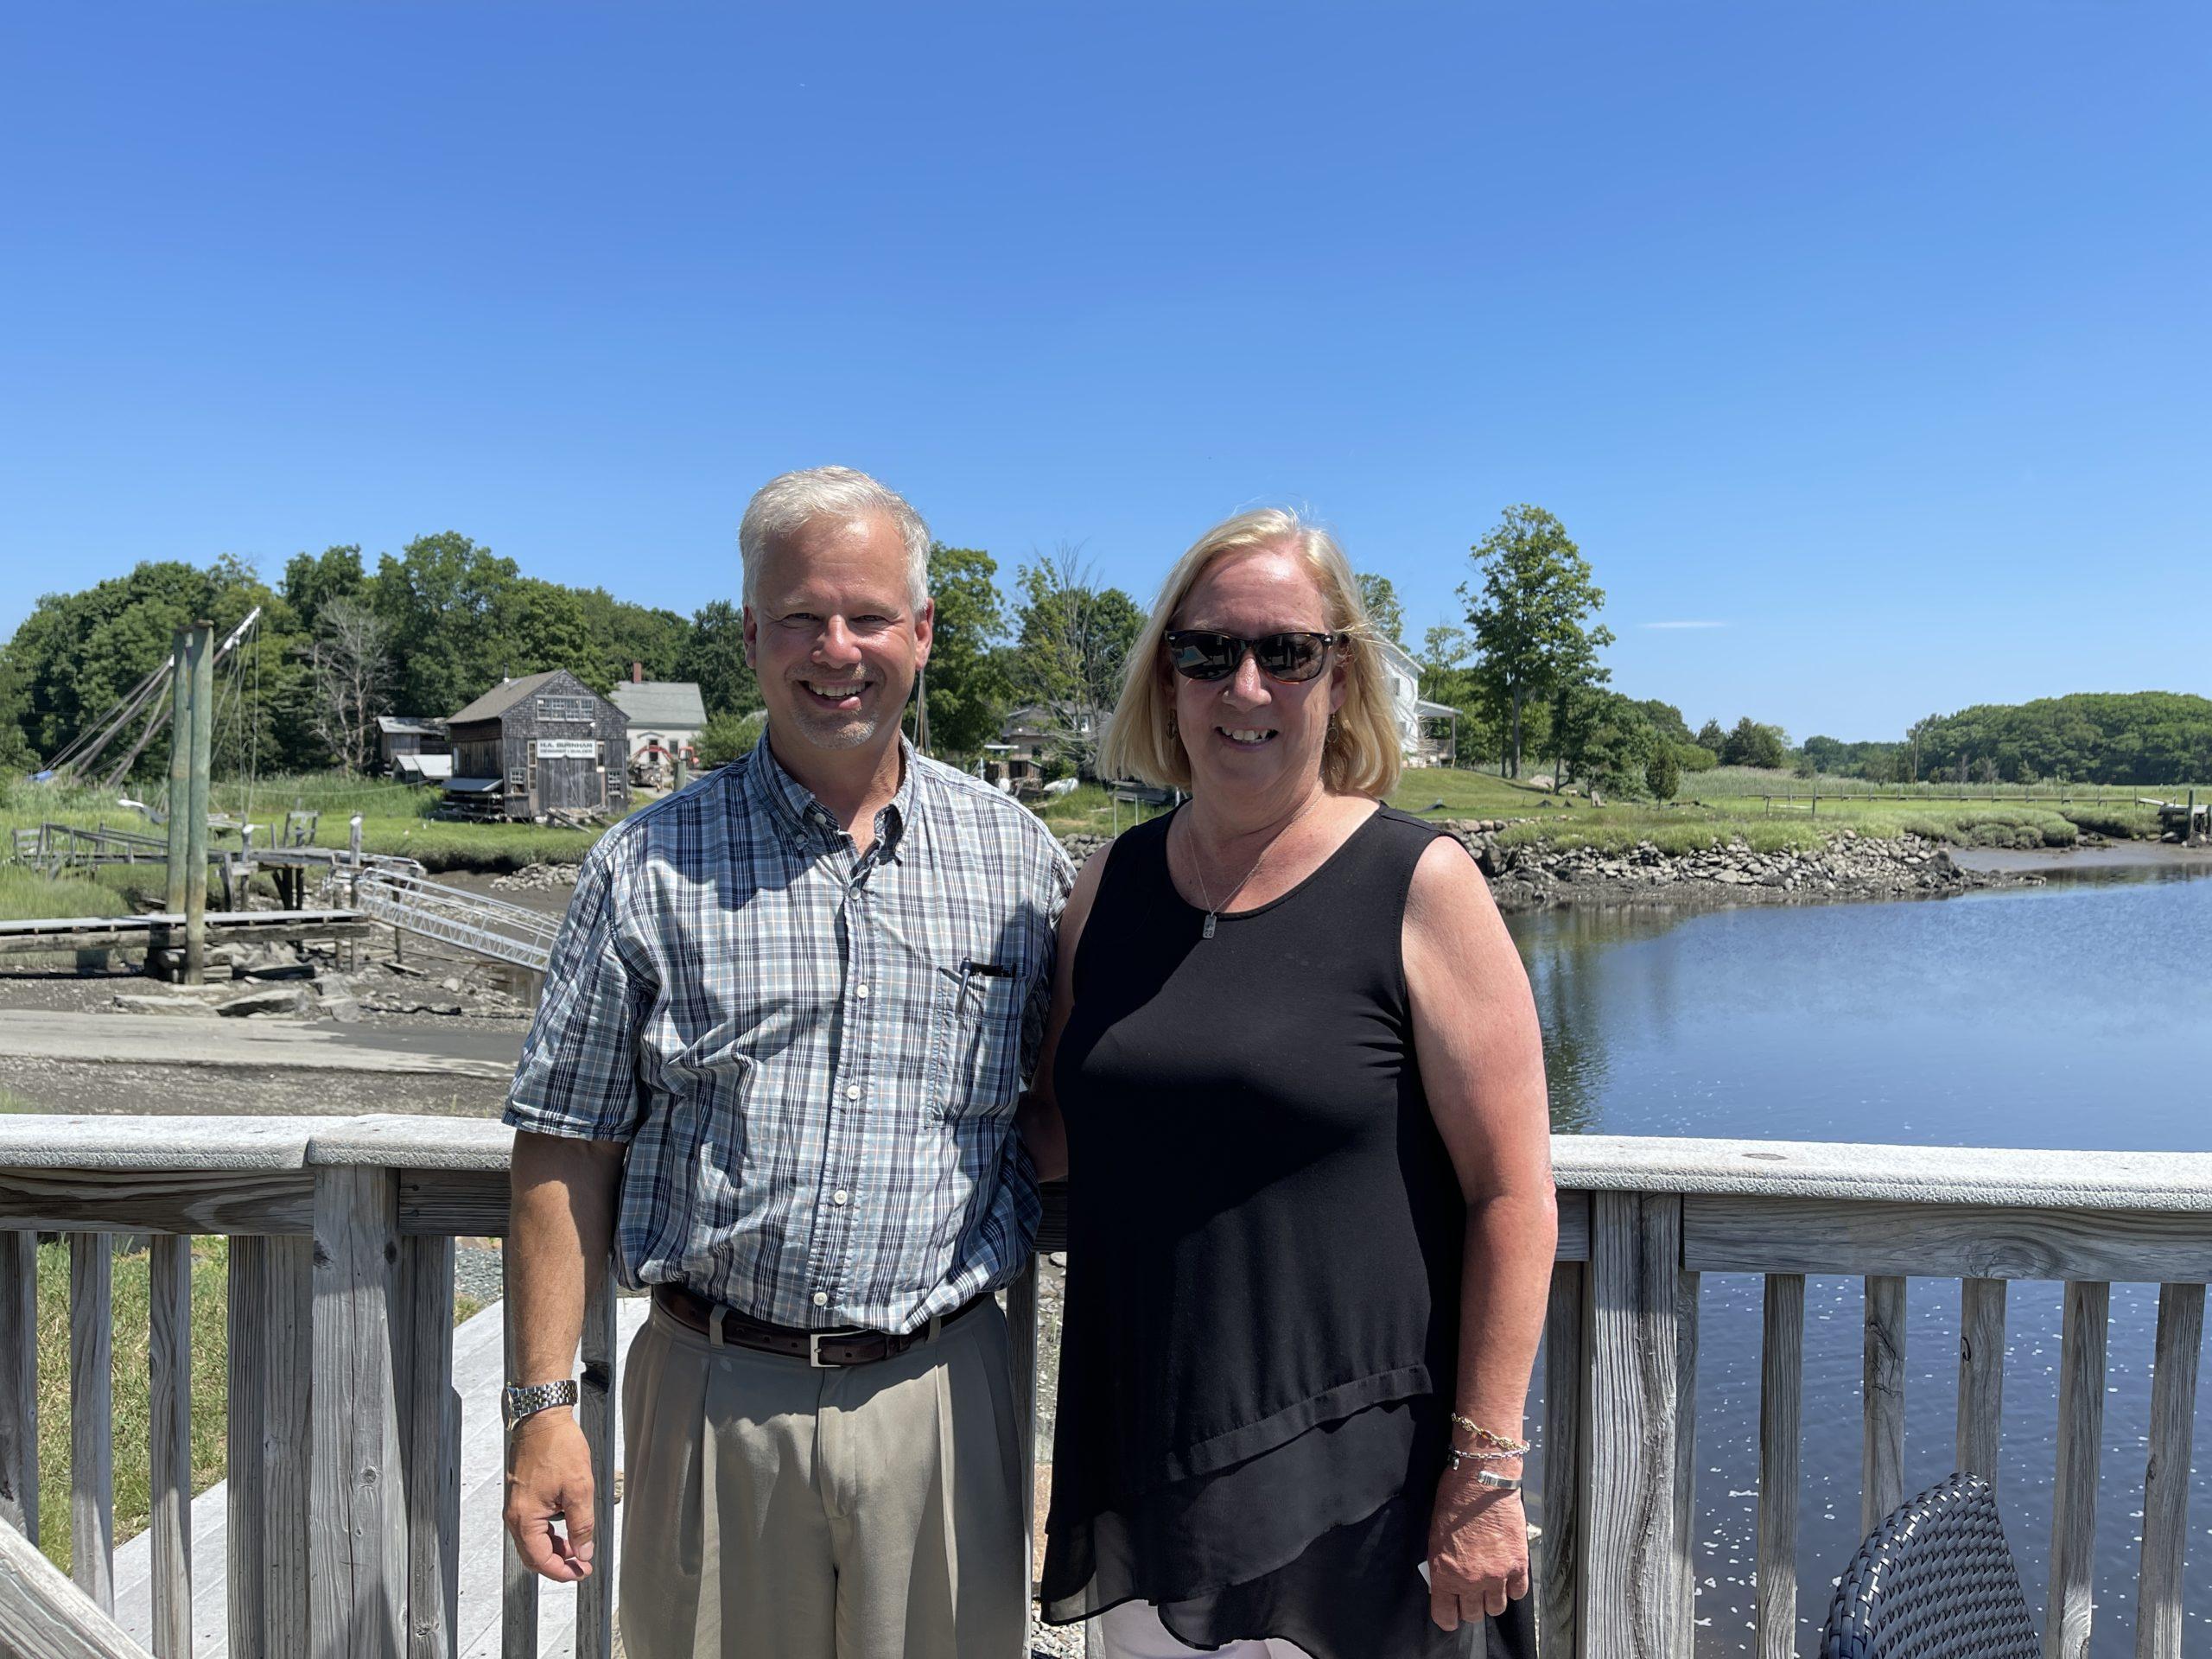 Ken & Susan_July 2021